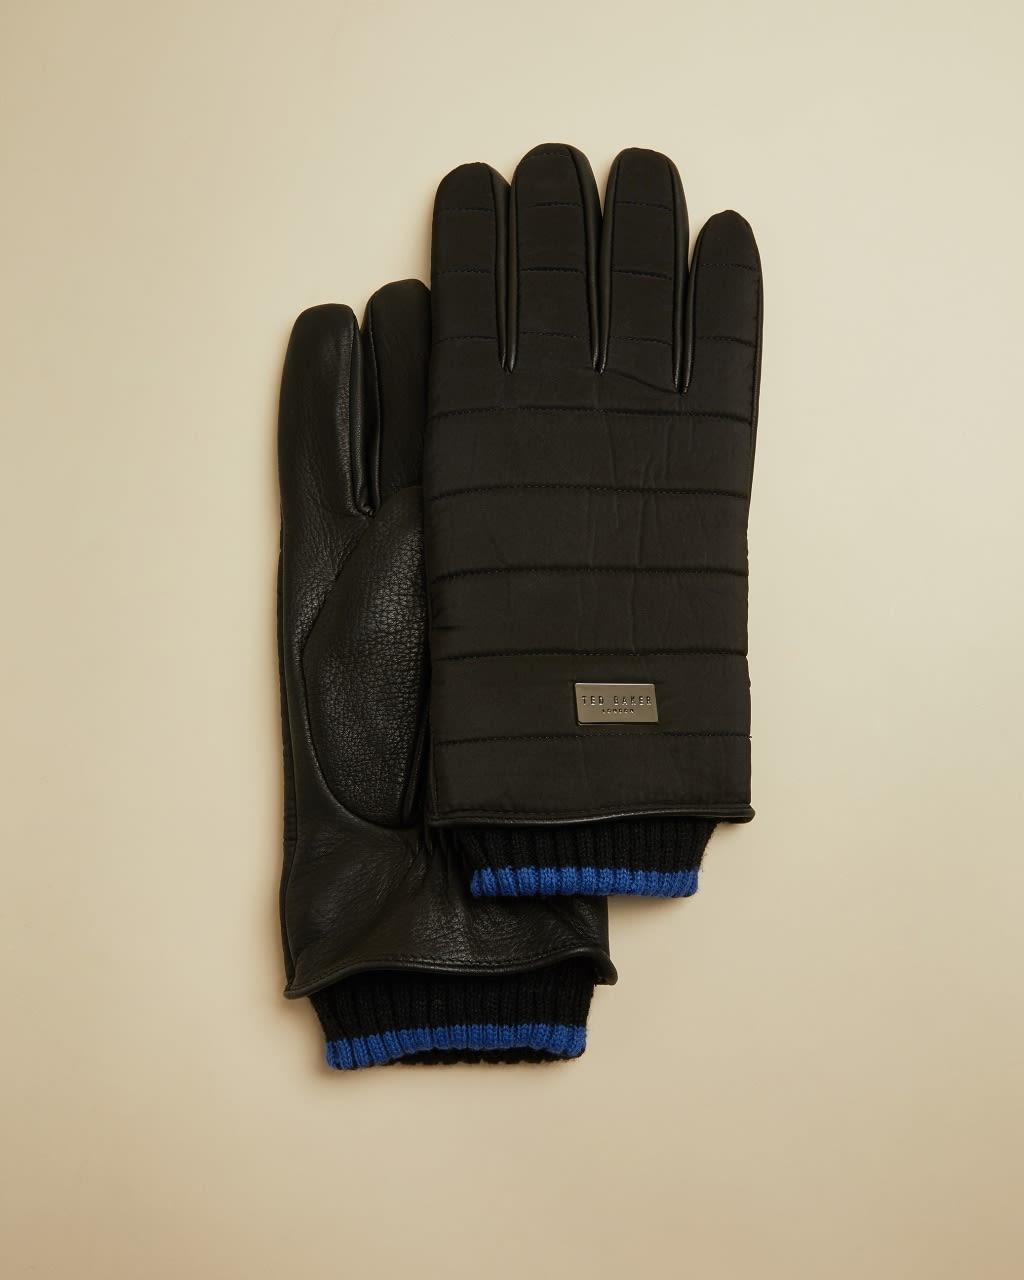 TED BAKER Handschuhe Aus Leder Mit Details | TED BAKER SALE